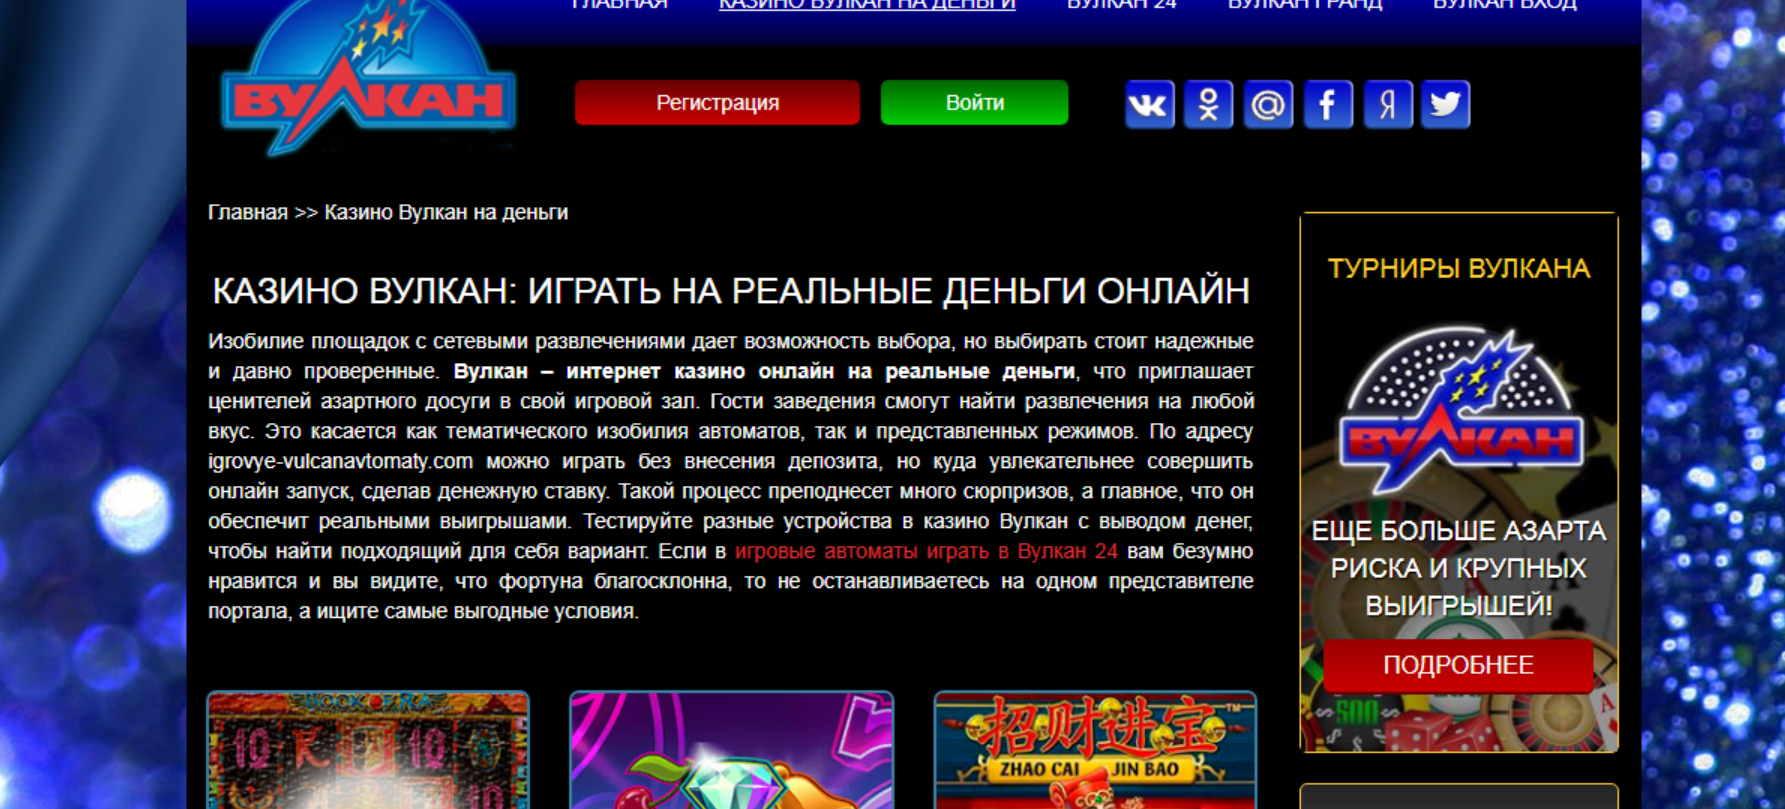 Игровые автоматы казино вулкан играть за деньги и бесплатно игровые автоматы воронеж